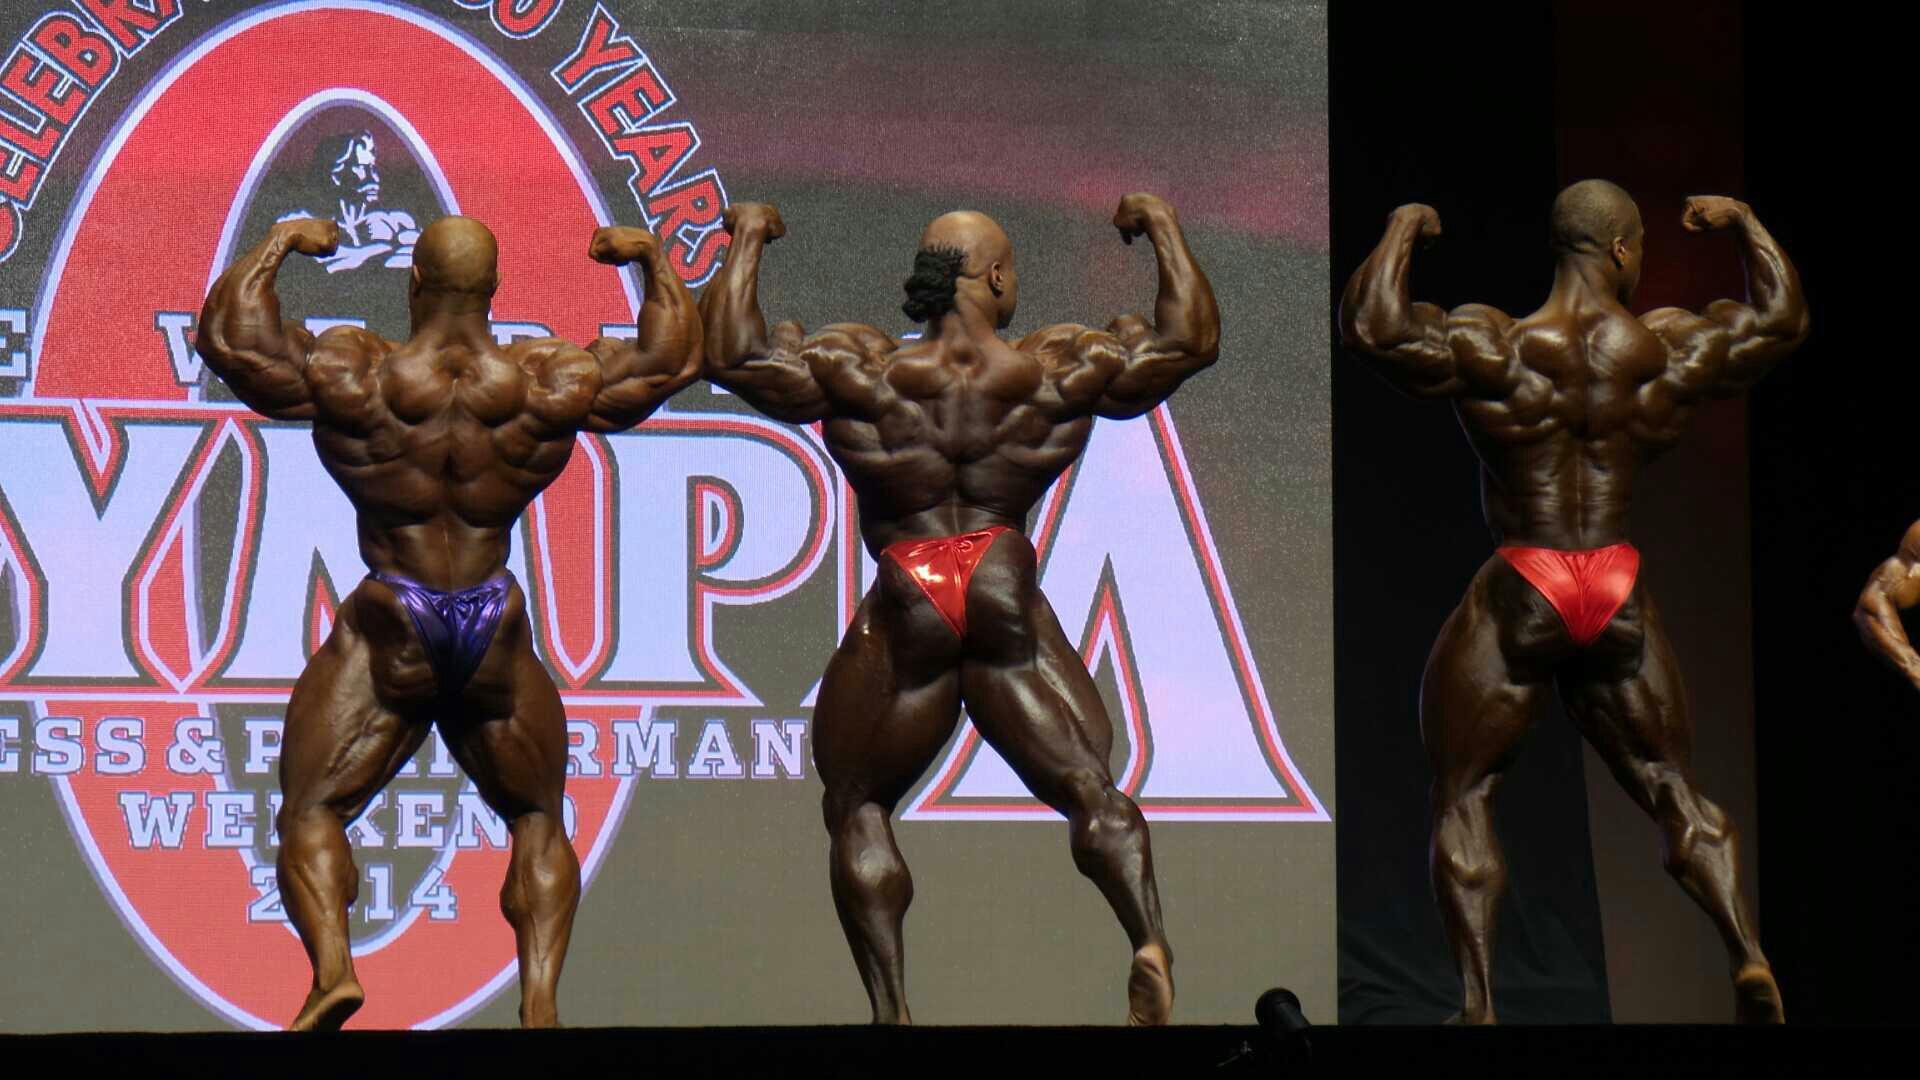 Mr. Olympia 2014 Webcast Hajymepa